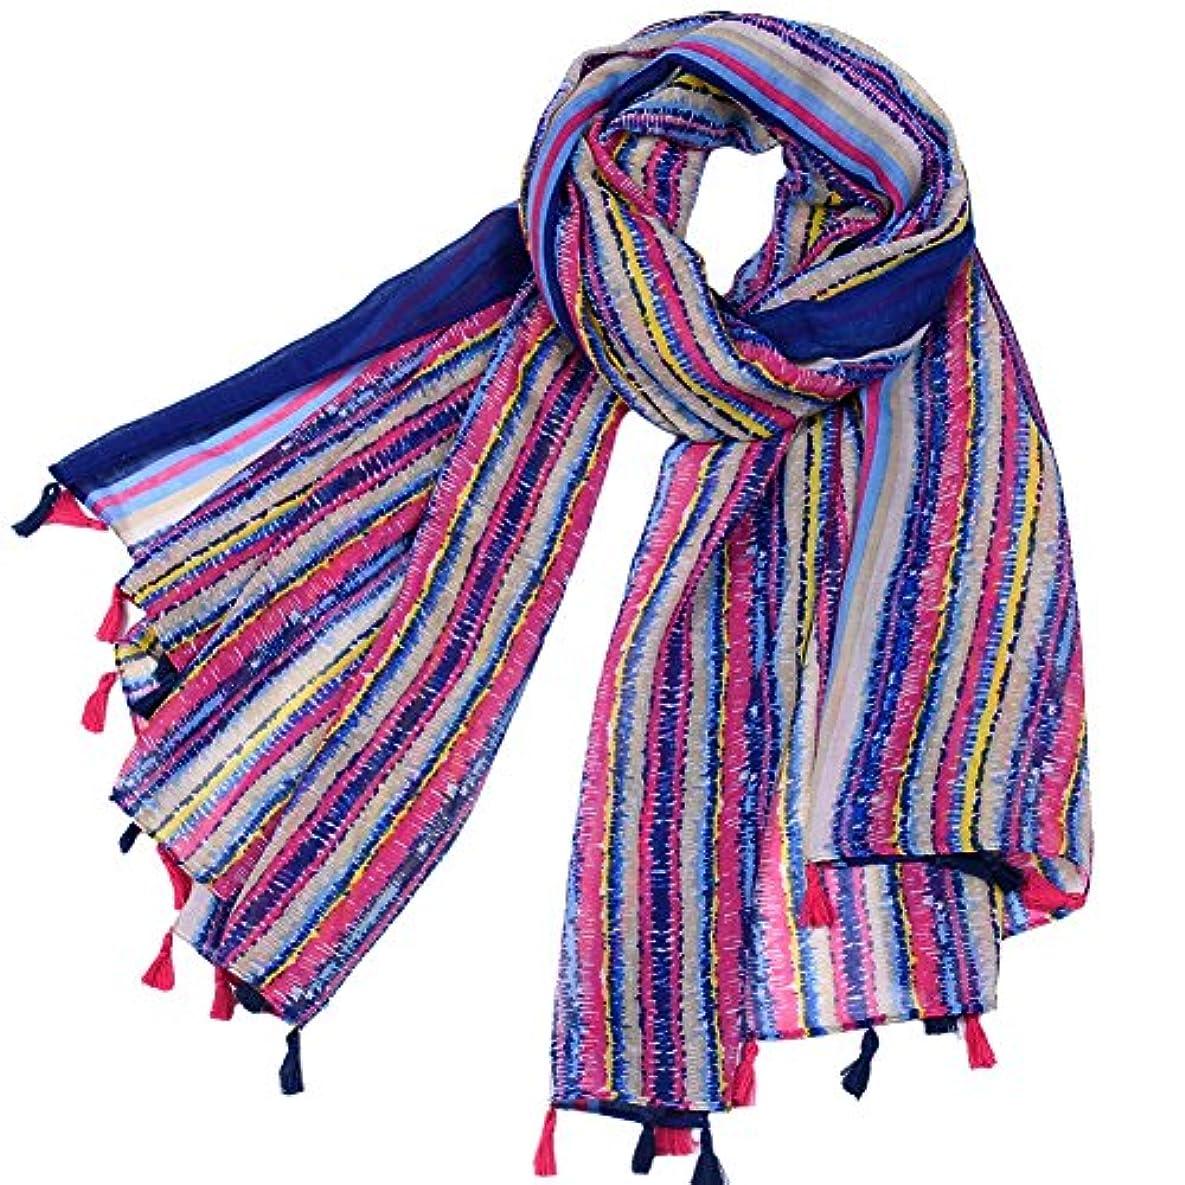 振動するよく話されるミケランジェロHerebuy – Coolレディースレインボーストライププリントスカーフ軽量スカーフ